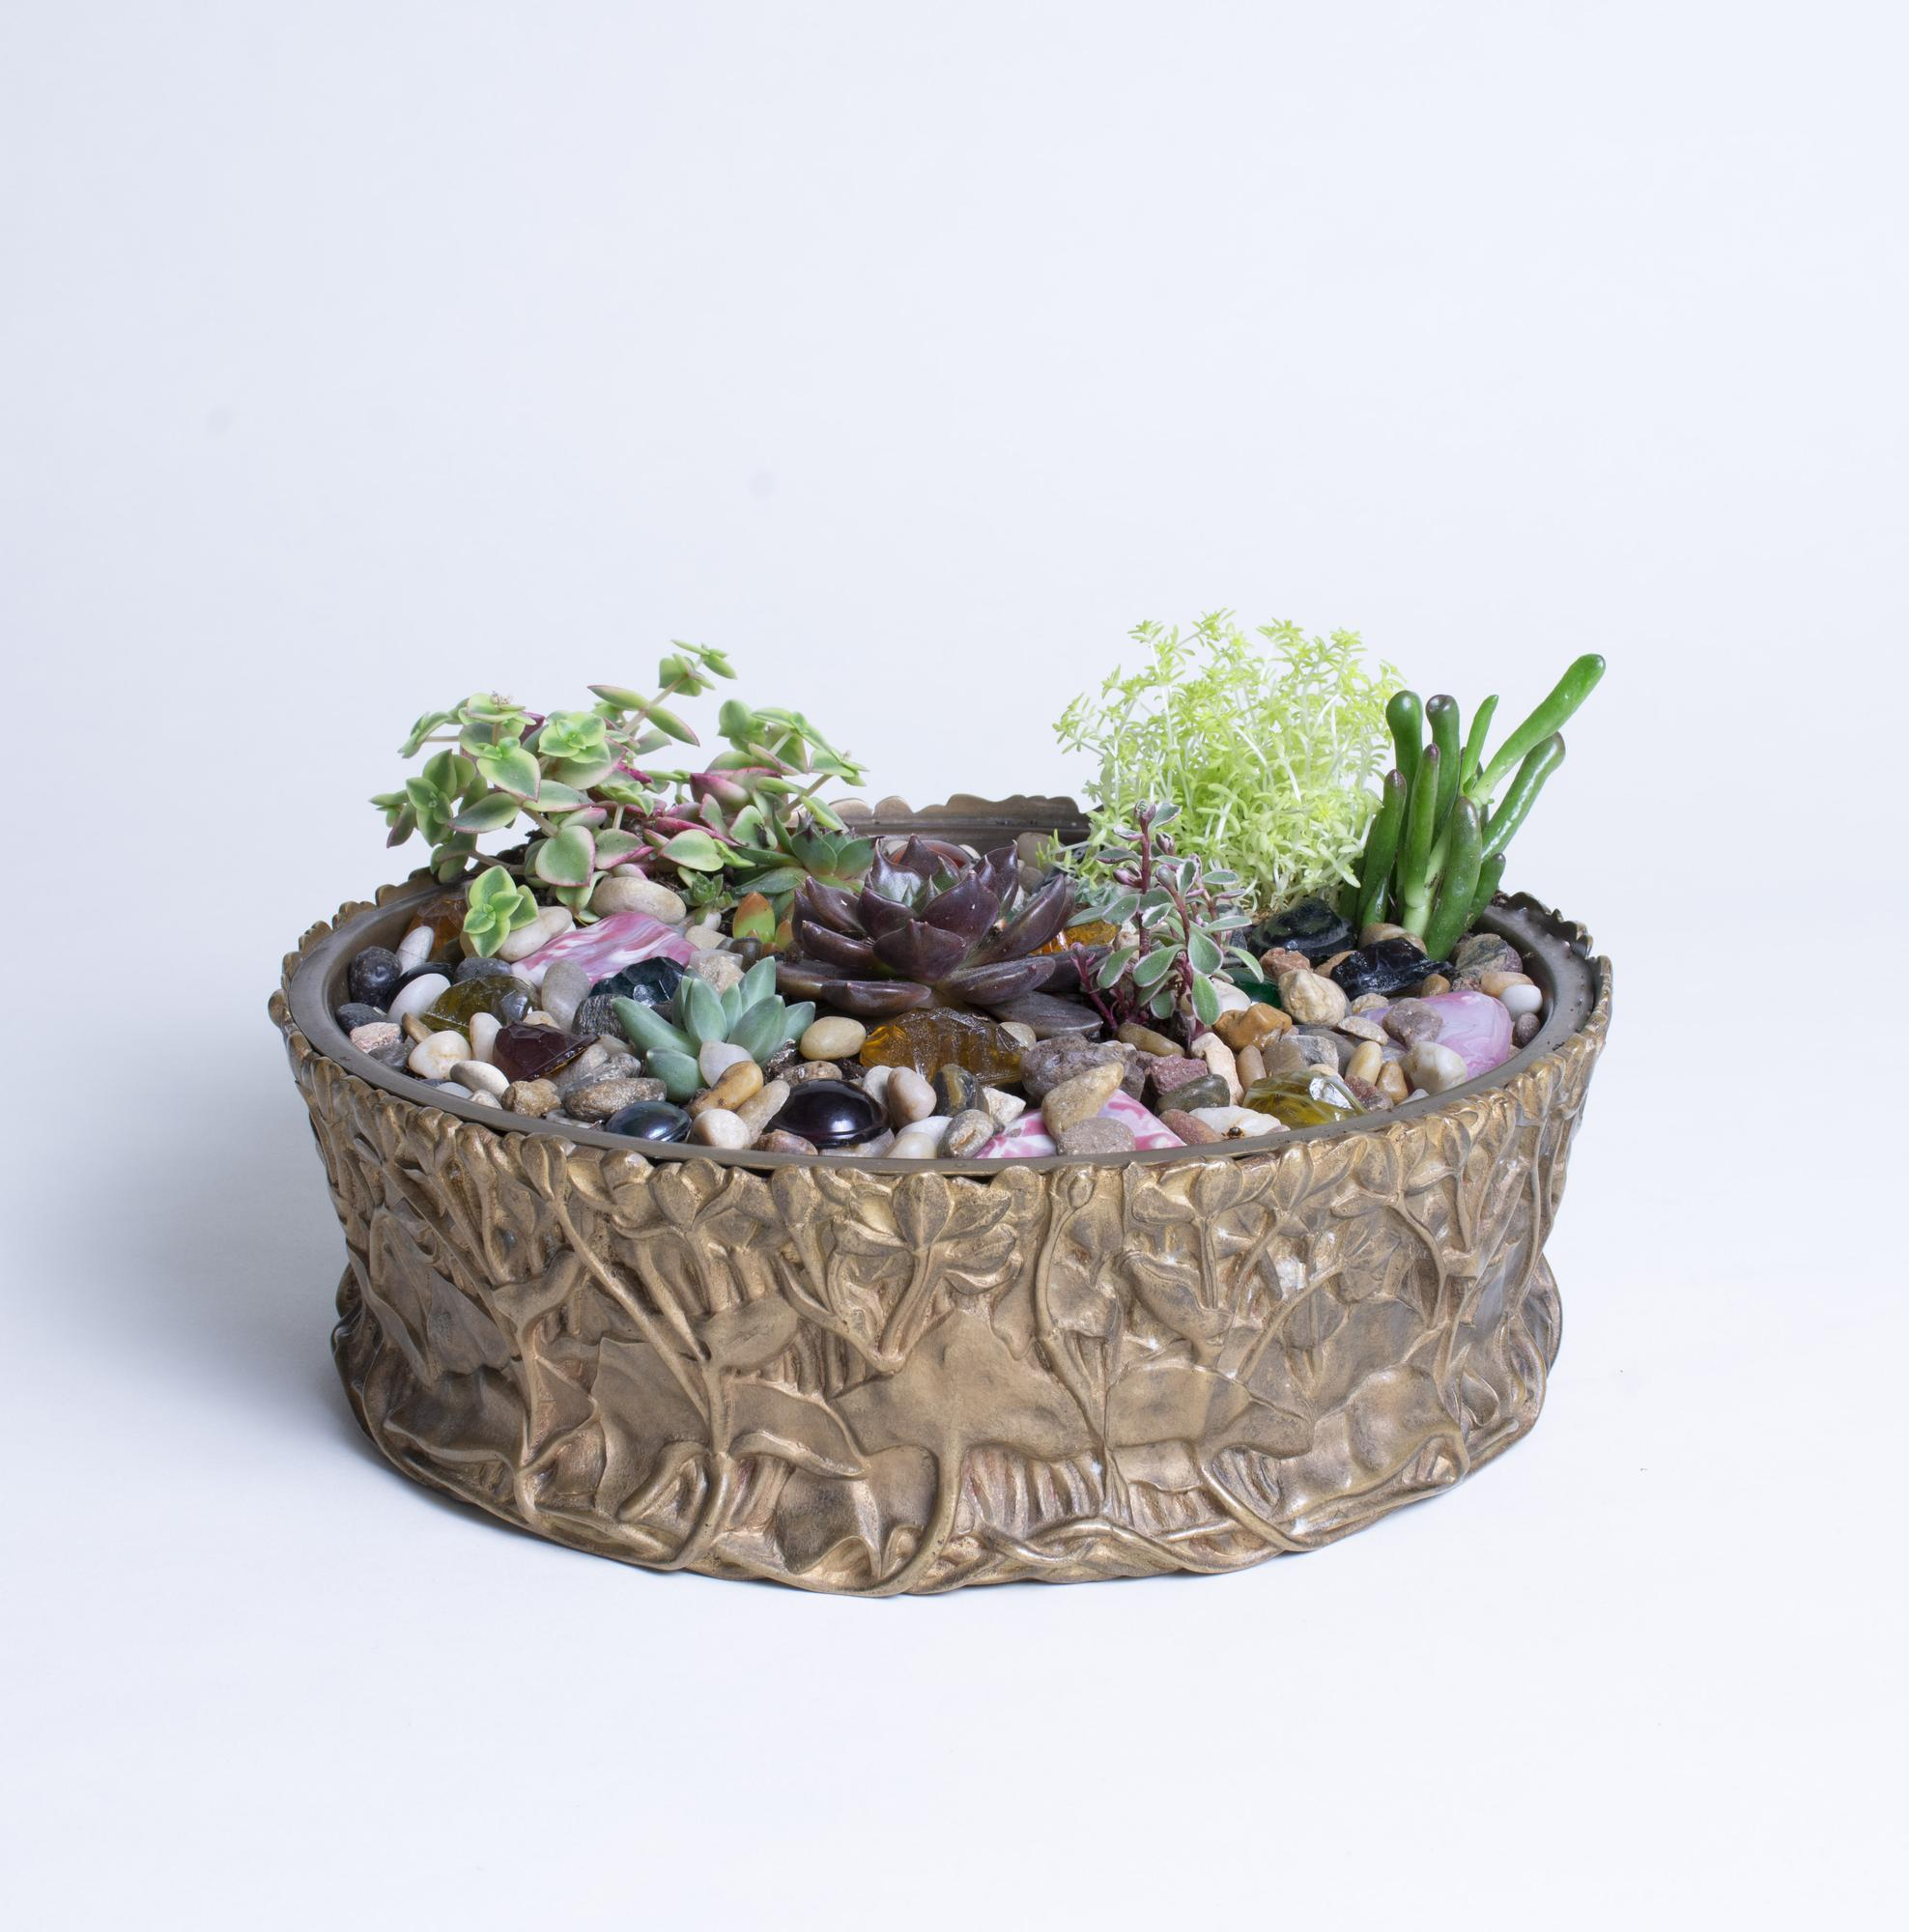 Tiffany Studios  Marsh Marigold Planter 1